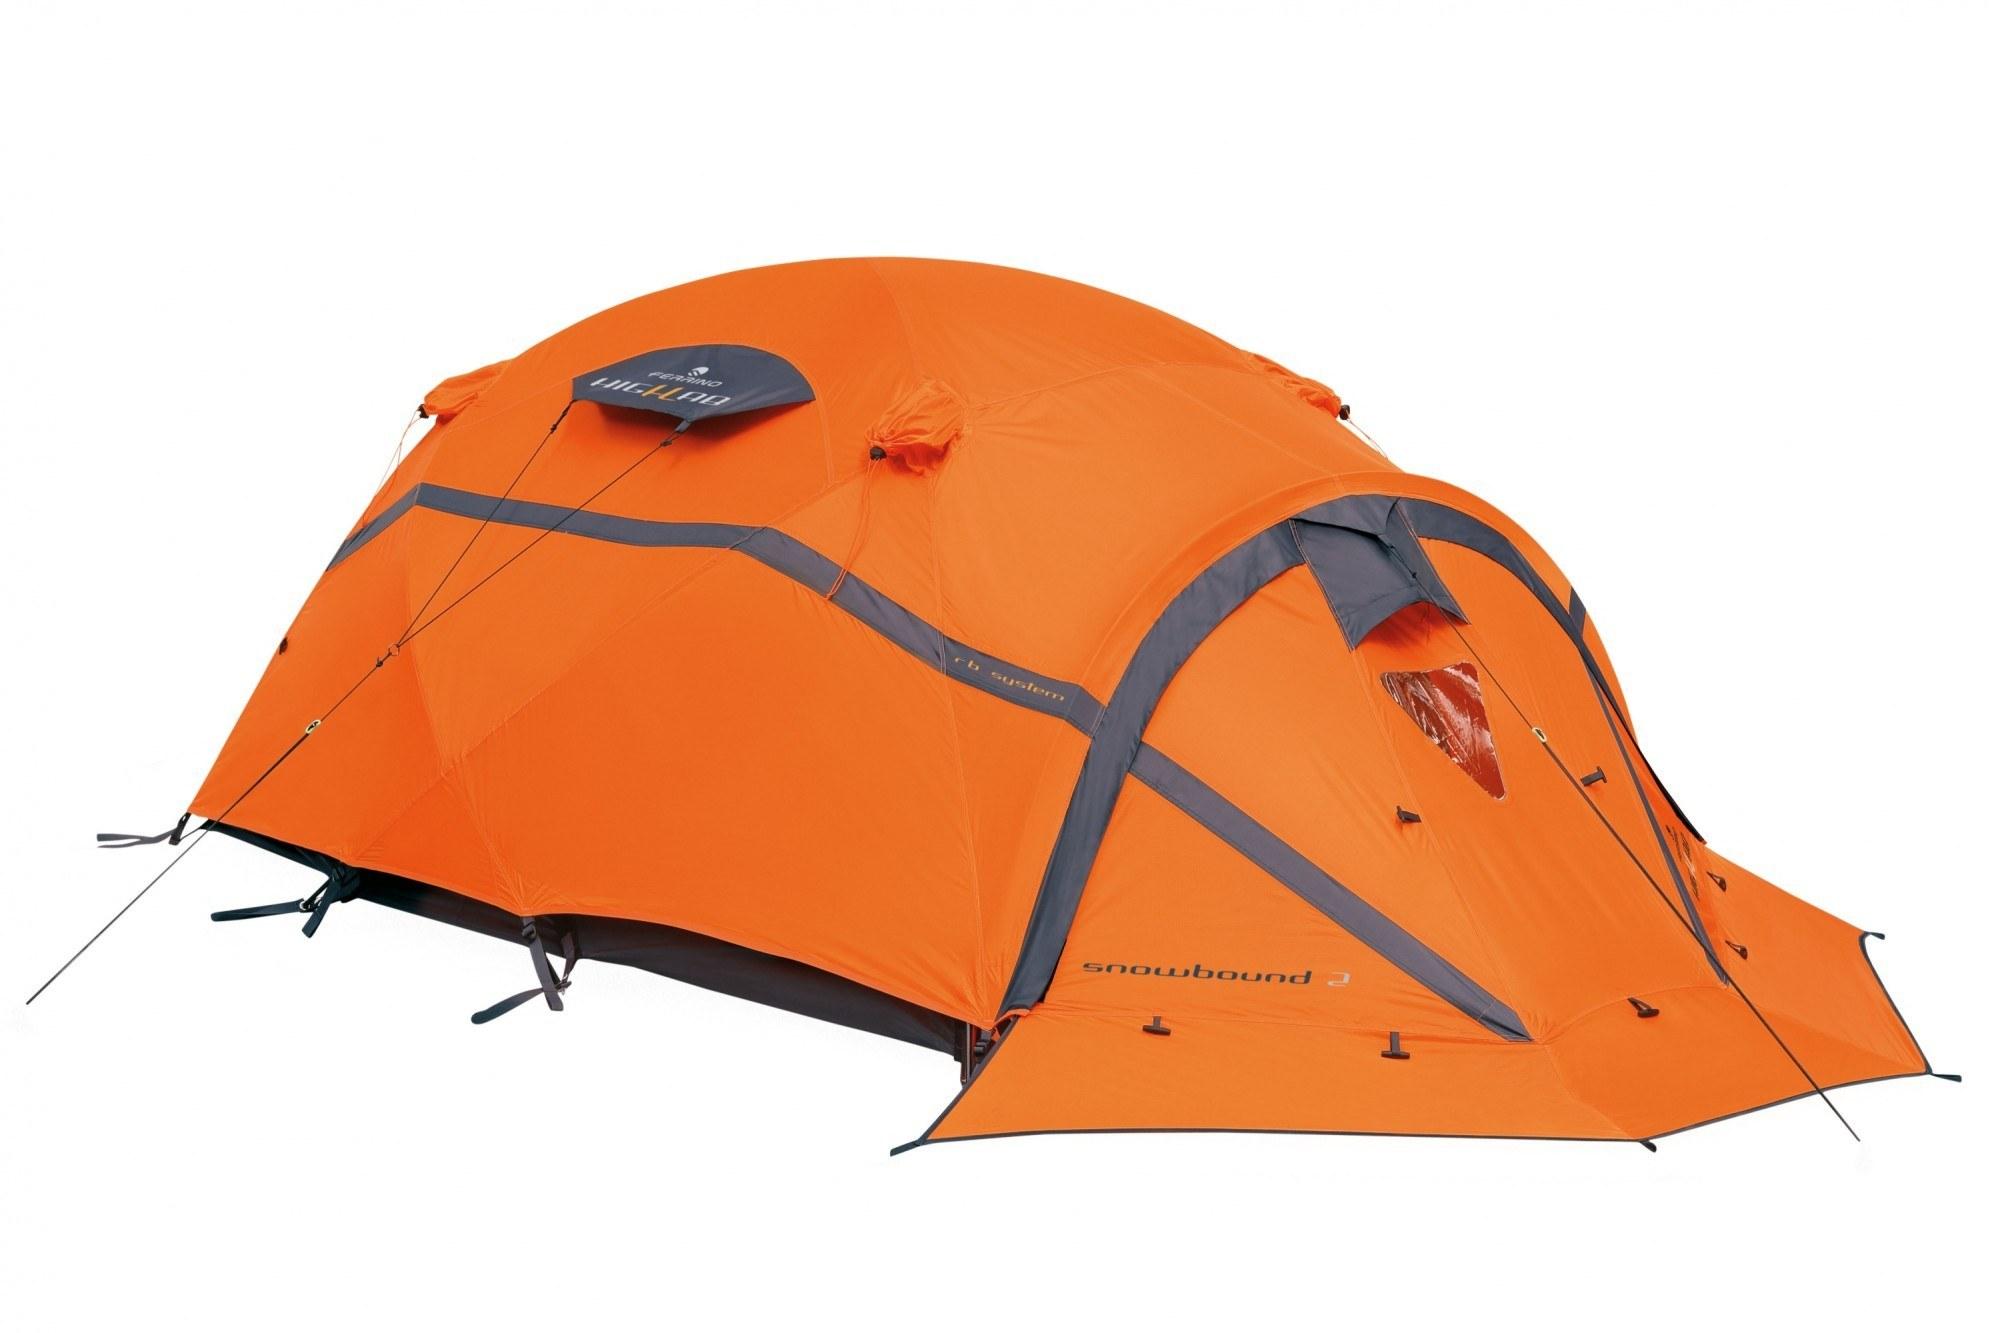 فرینو - چادر کوهنوردی فرینو (ایتالیا) SNOWBOUND 2 TENT  